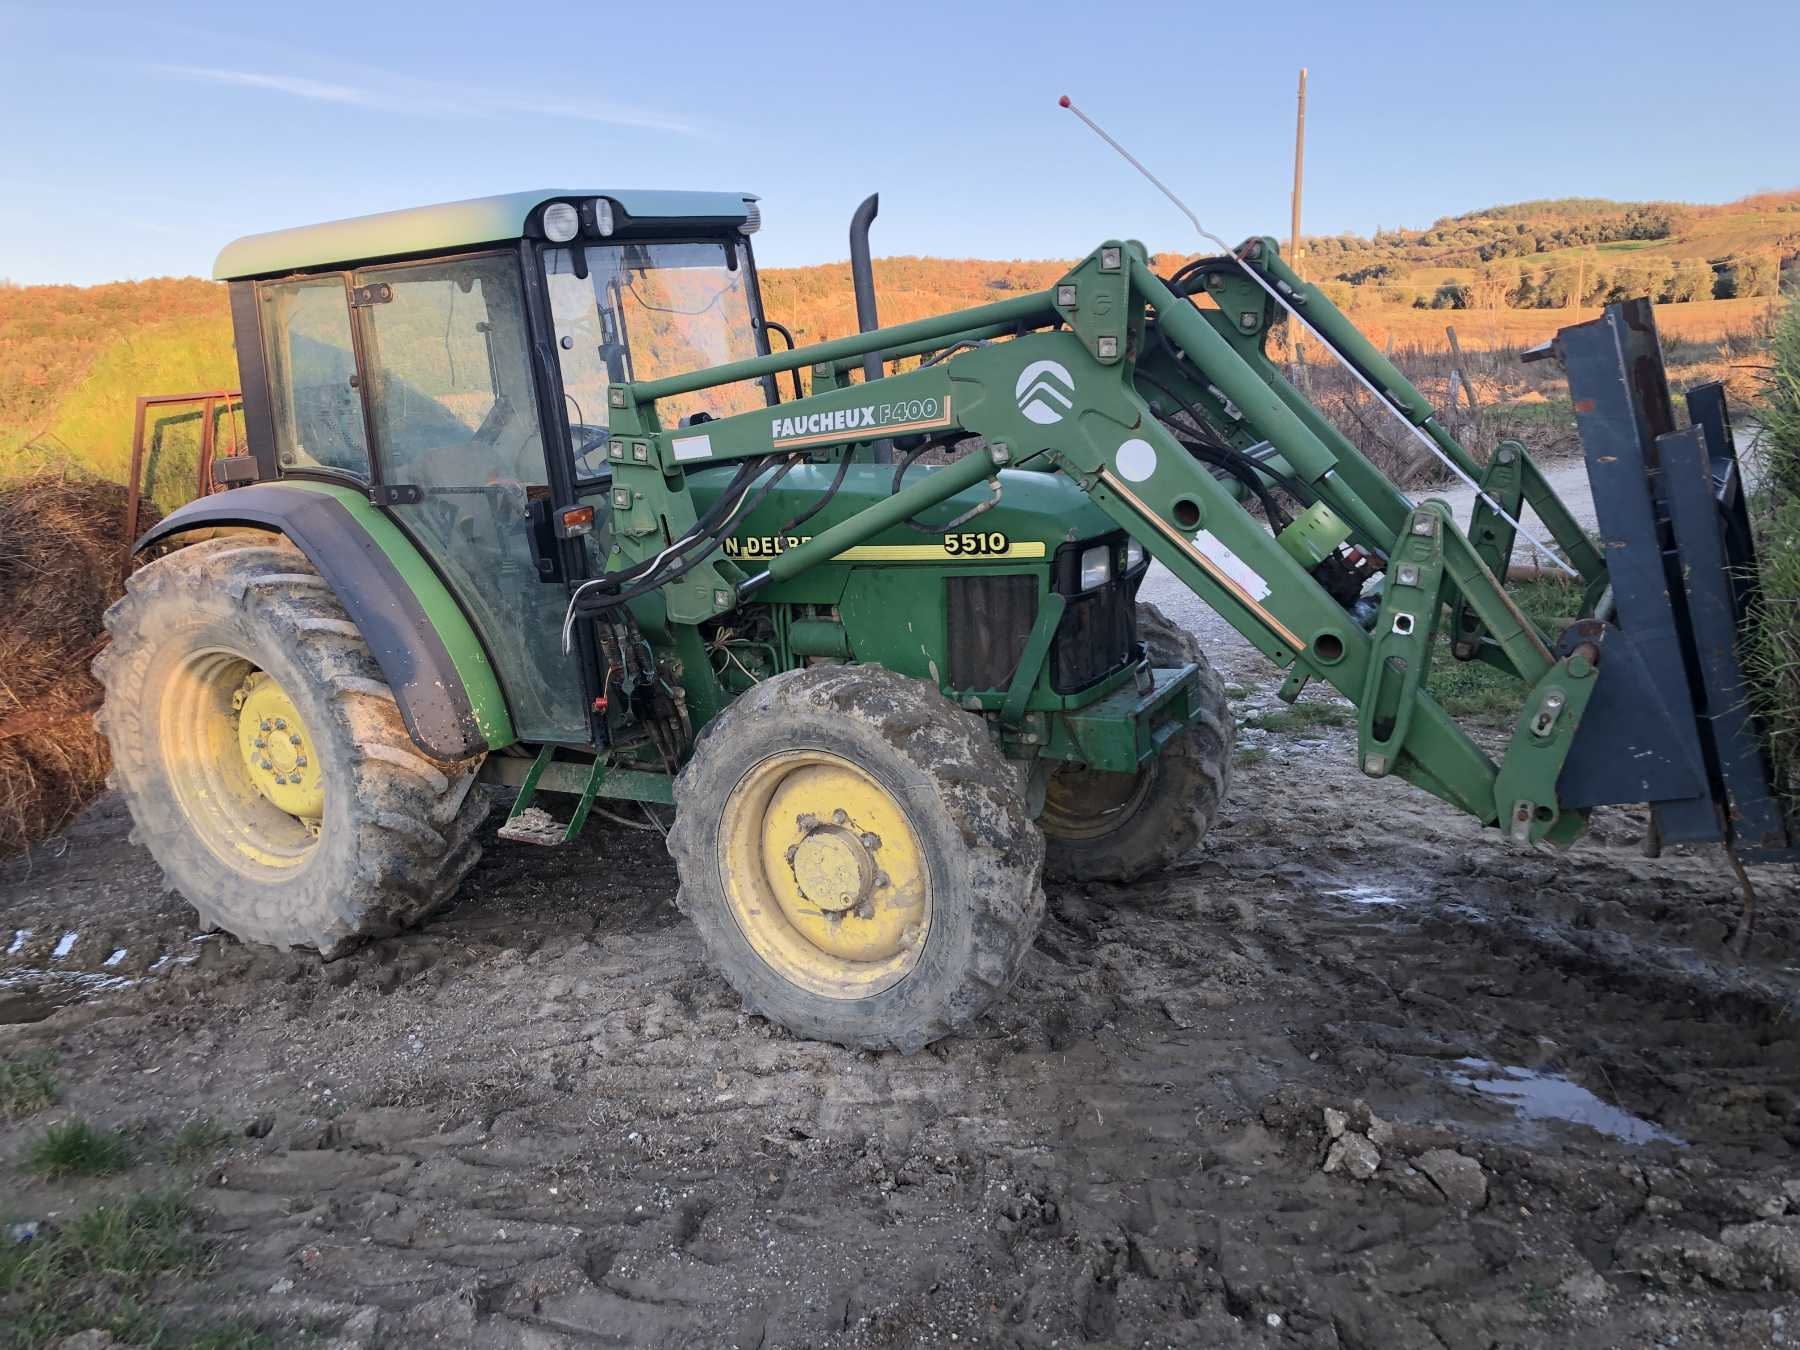 Trattore agricolo in buone condizioni. Cabina con